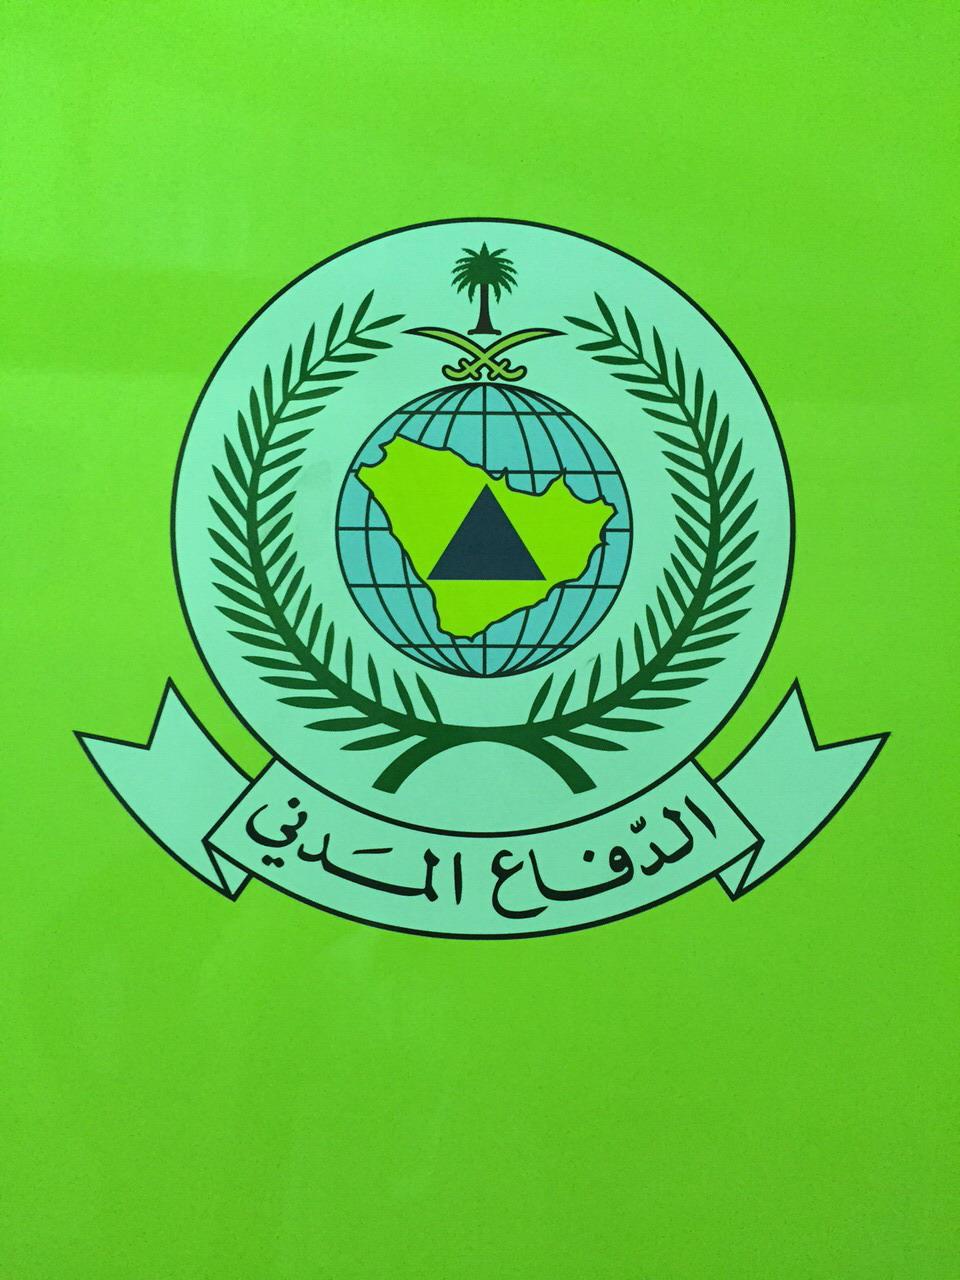 ملف شعار الدفاع المدني السعودي Jpg ويكيبيديا